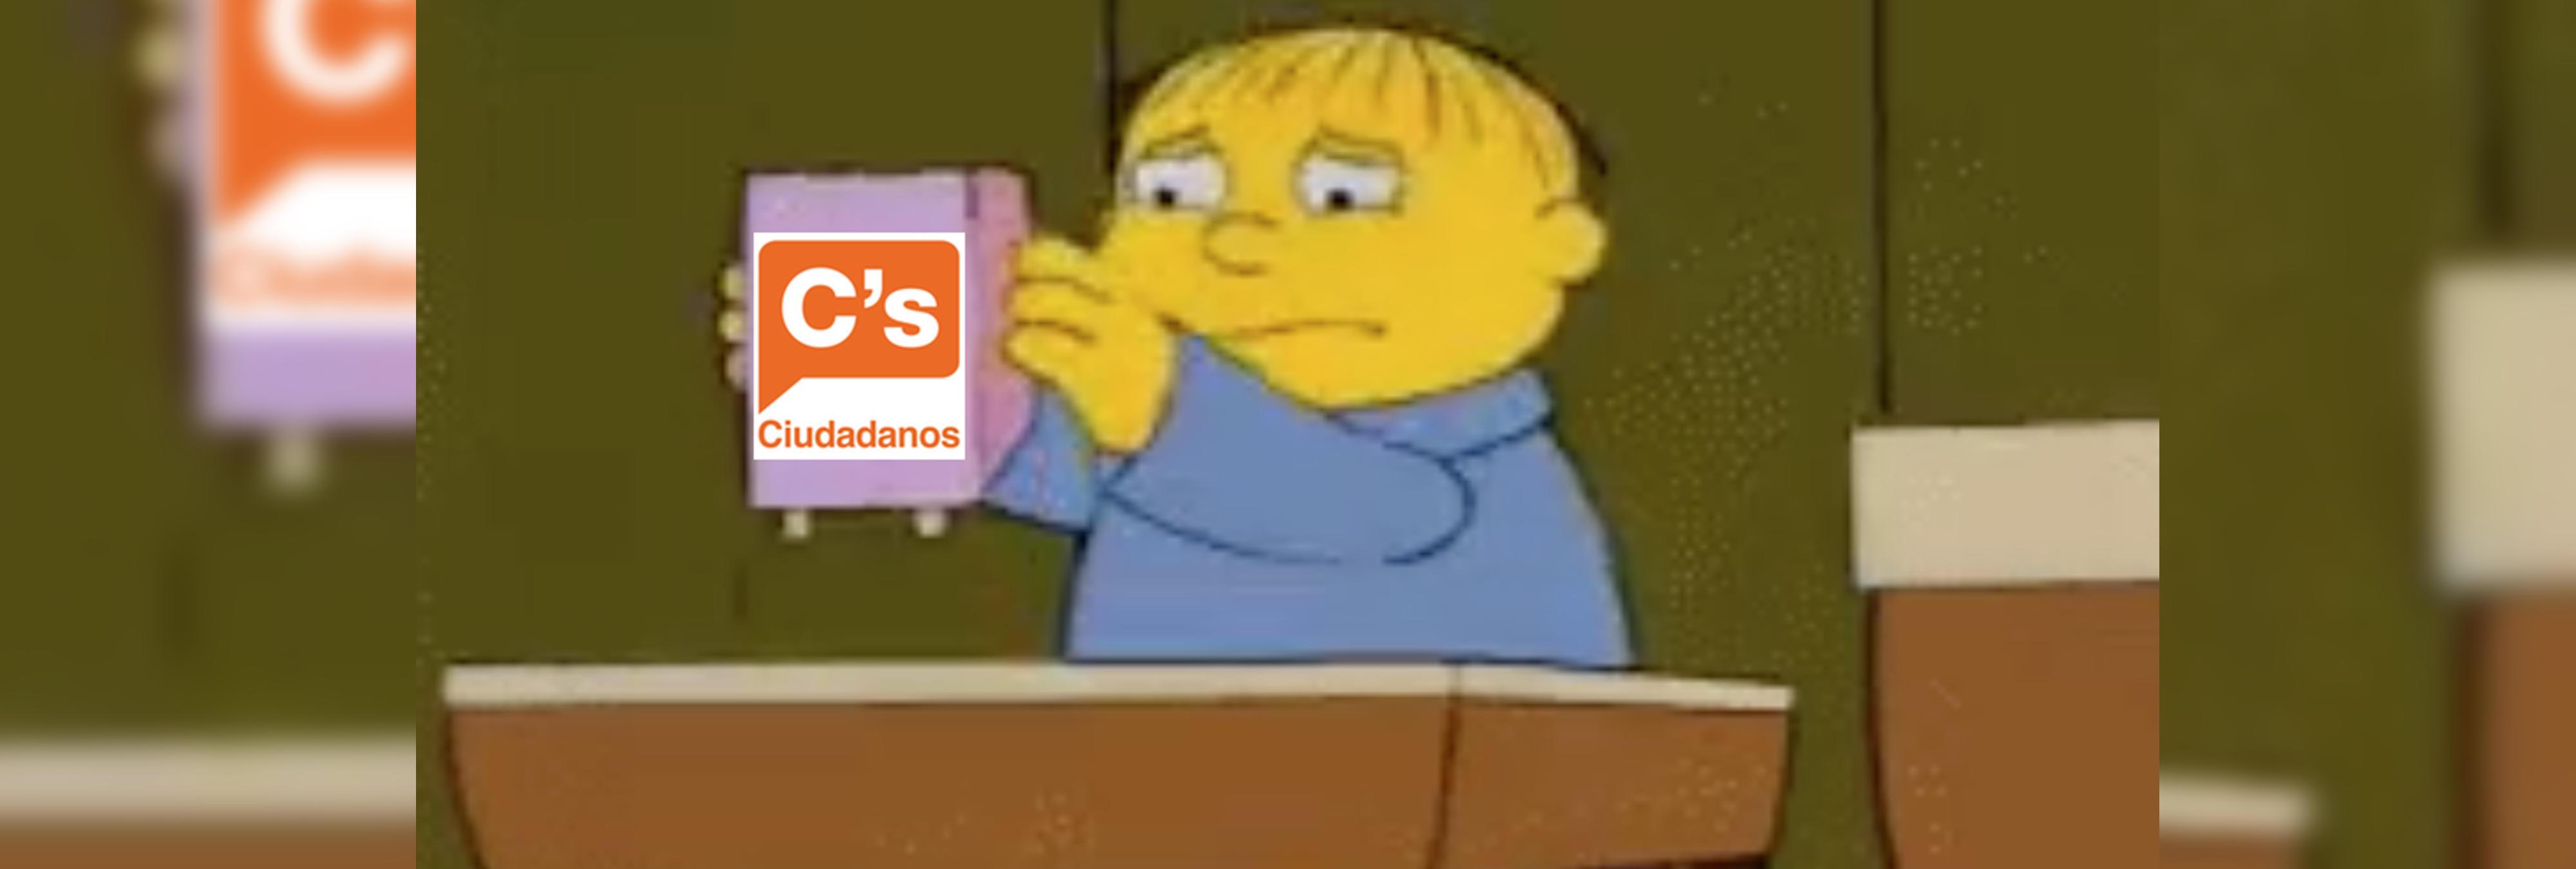 Las elecciones gallegas y vascas del 25-S, en clave de memes